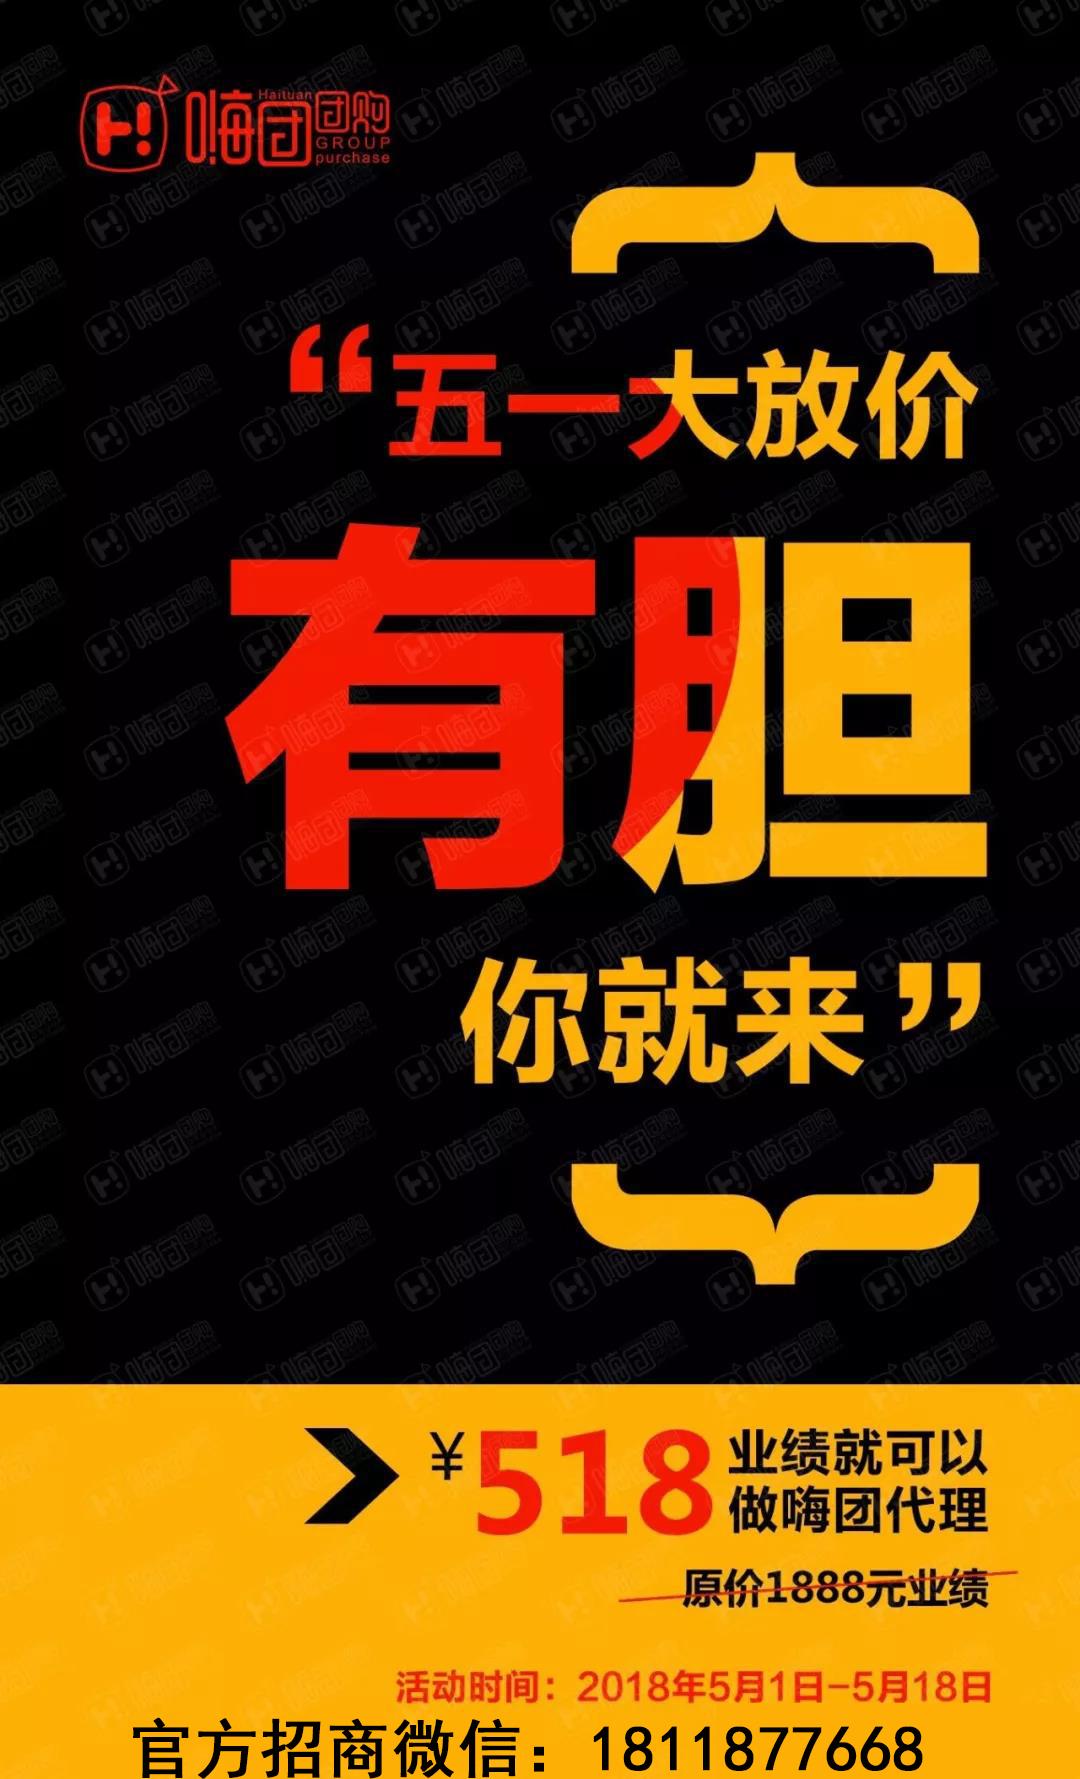 嗨团团购骗局揭秘131313.jpg